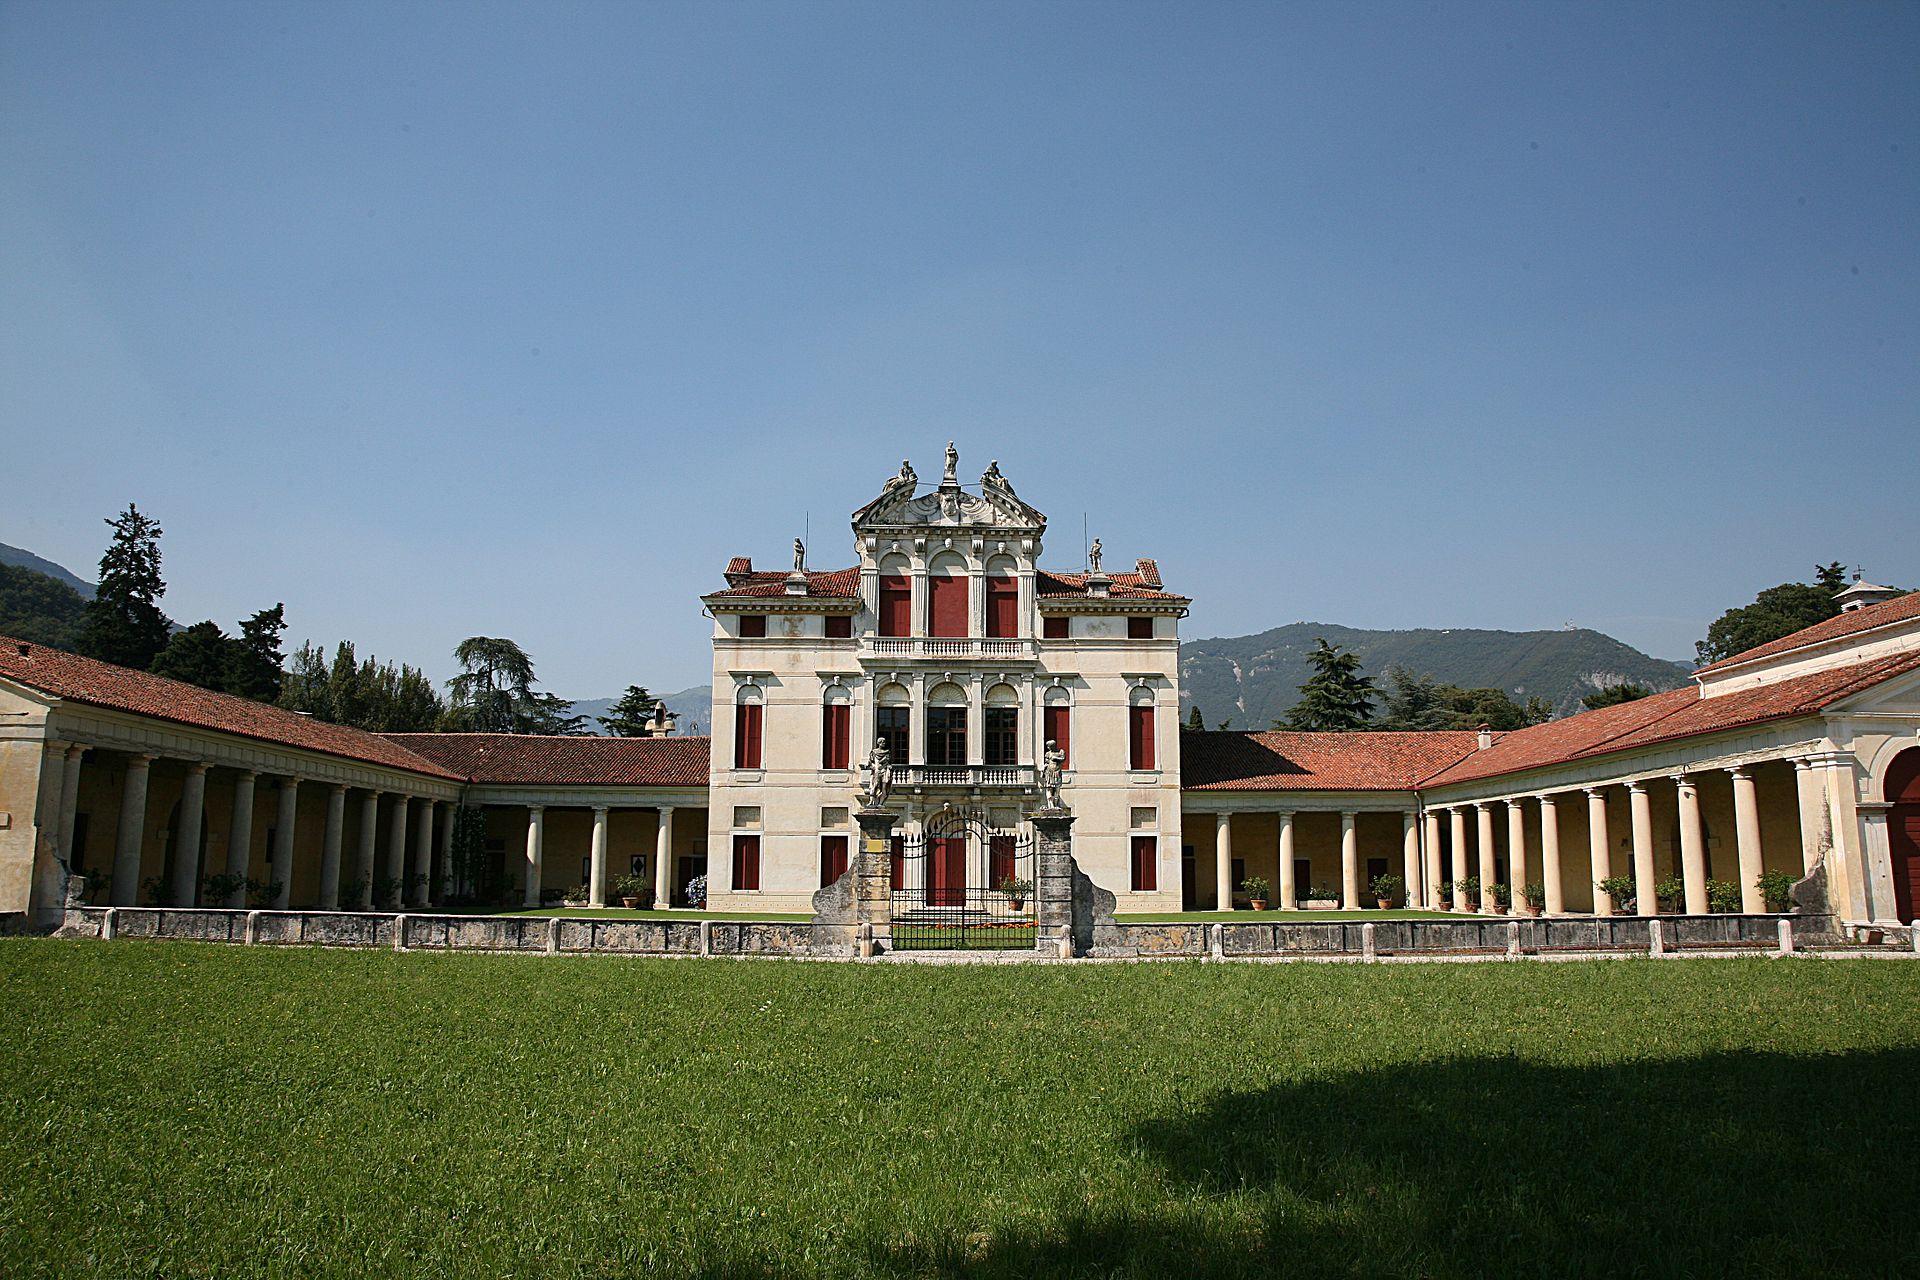 Villa Angarano, Bassano del Grappa<br /><br />Az 1540-es évek végén vagy az 1550-es évek elején kezdődtek az építési munkálatok. Az eredeti tervek sajnos nem valósultak meg teljes egészében, valószínűleg a megbízó anyagi gondjai miatt. A központi épület végül Baldassarre Longhena tervei szerint készült el, nem palladioi stílusban.<br /><br />Kép: Wikimedia Commons / Hans A. Rosbach